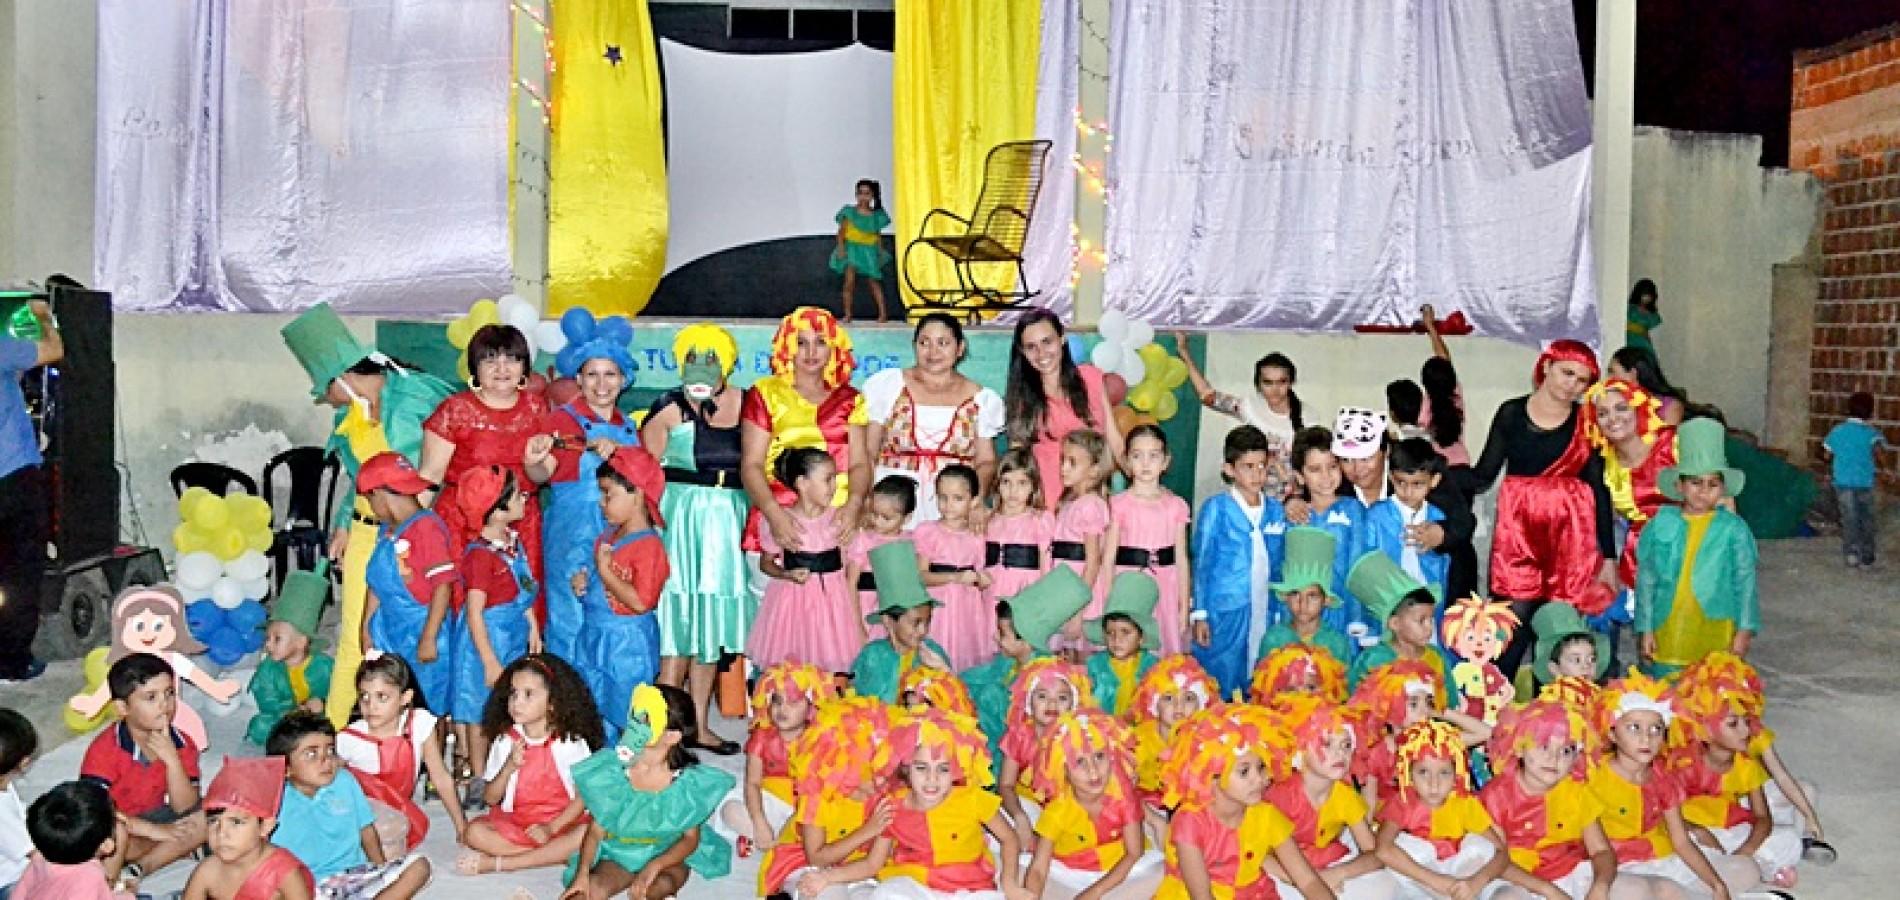 BELÉM | Projeto de literatura infantil encerra com apresentações do Sítio do Pica-pau Amarelo